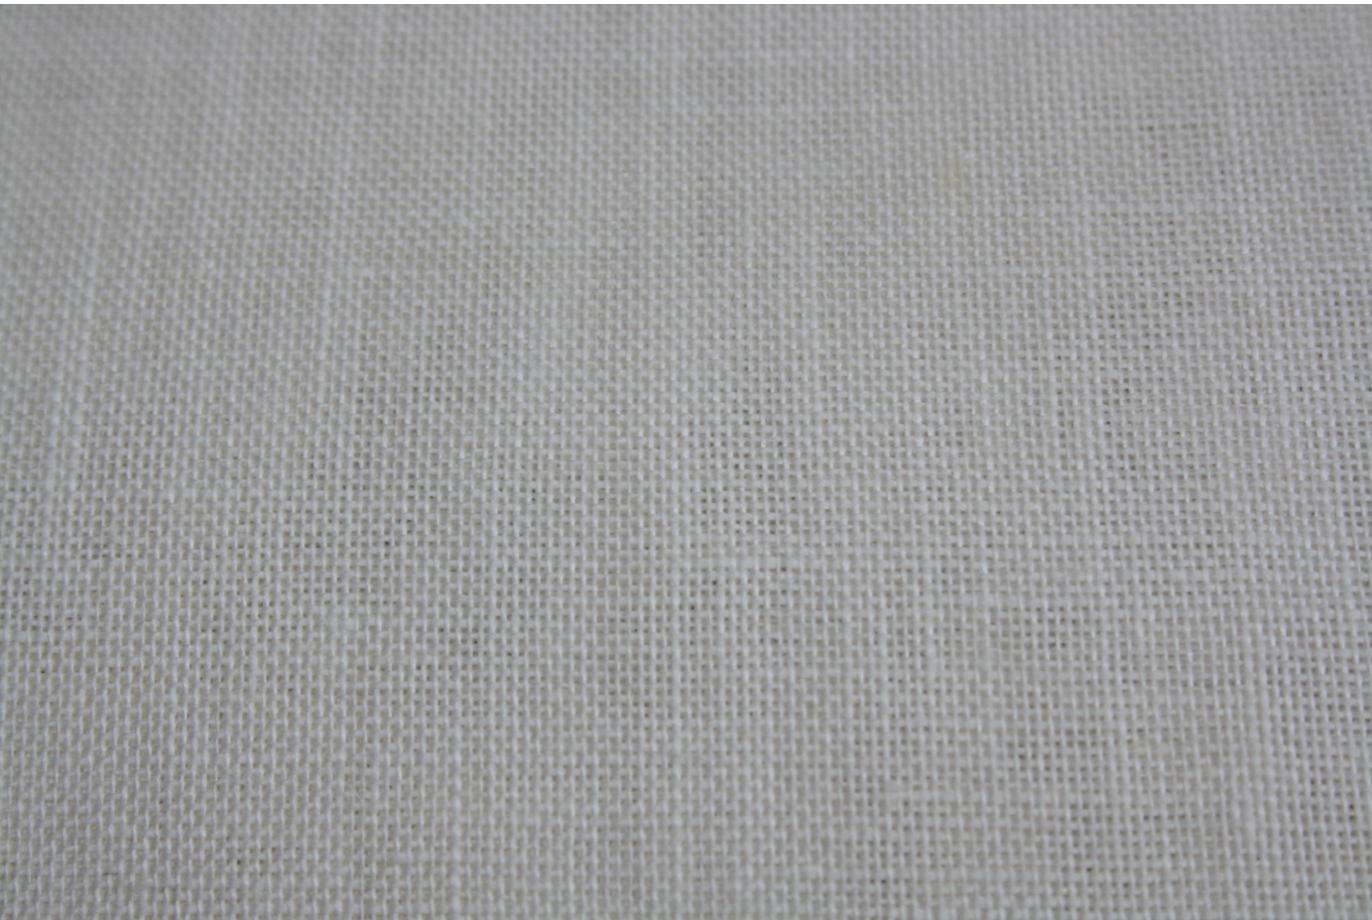 linge-de-lit-de-qualité-tradilinge-croisement-fil-de-tissu